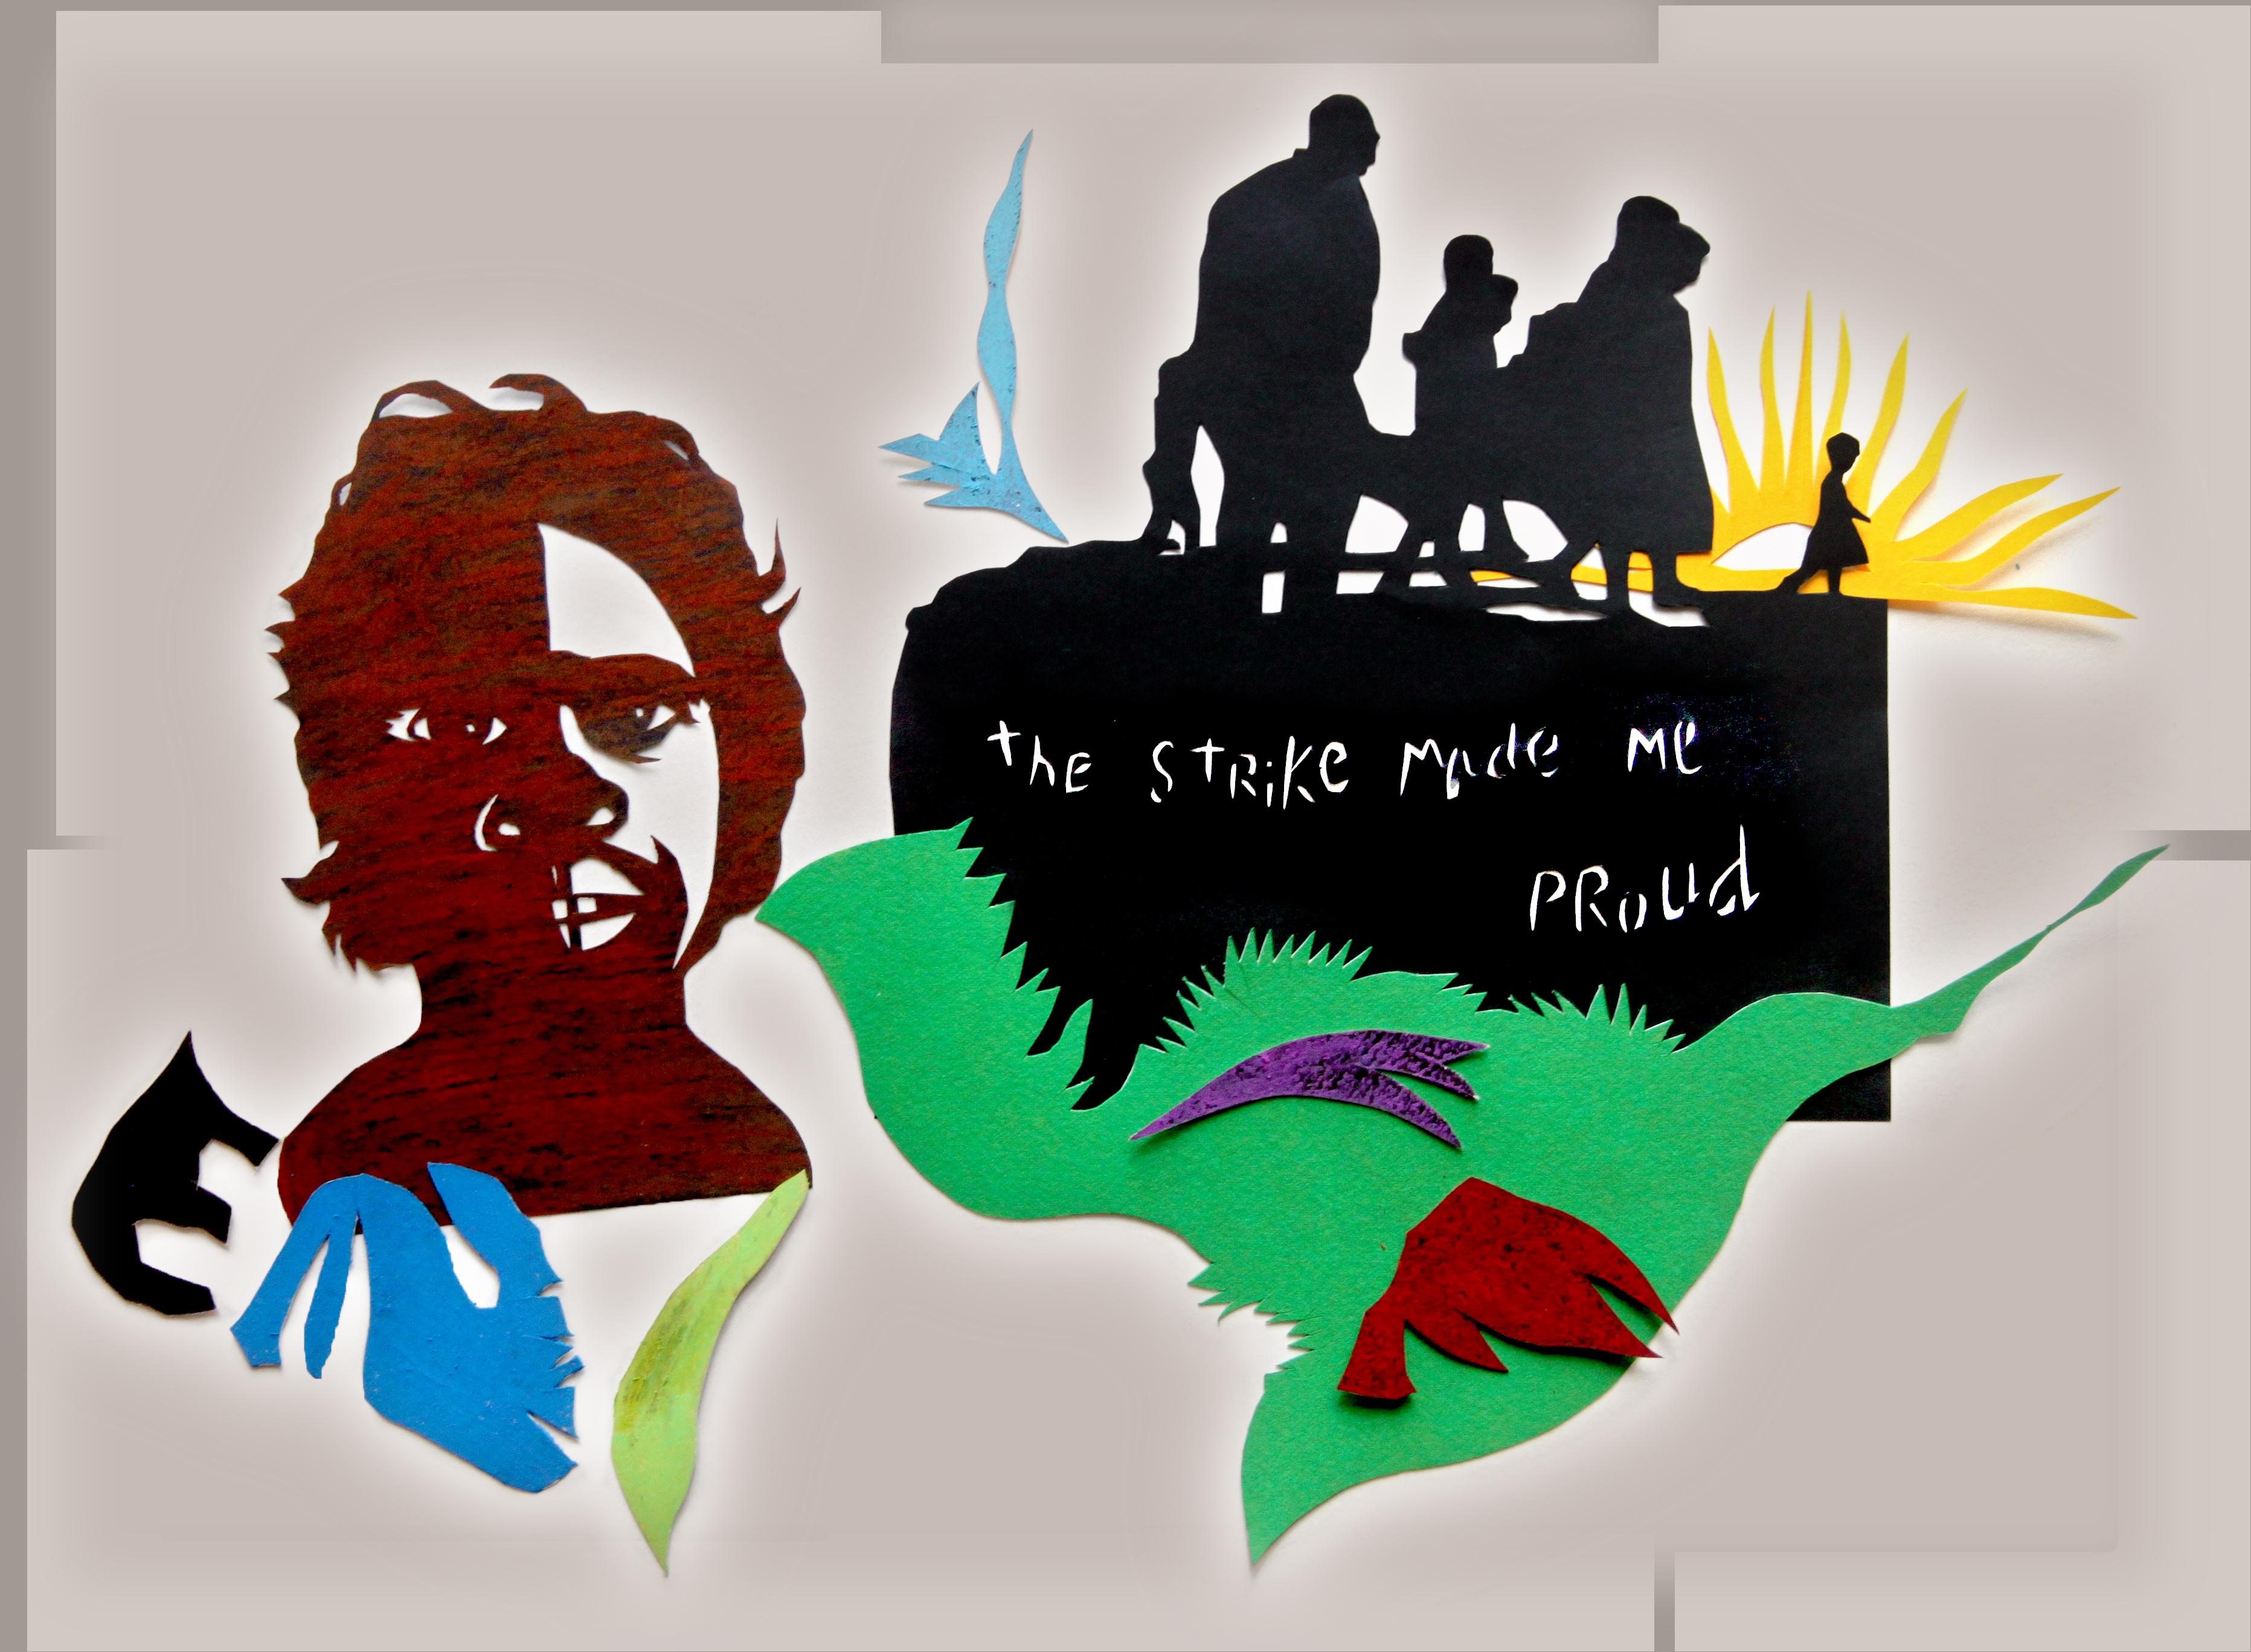 Pilbara Strike with bg